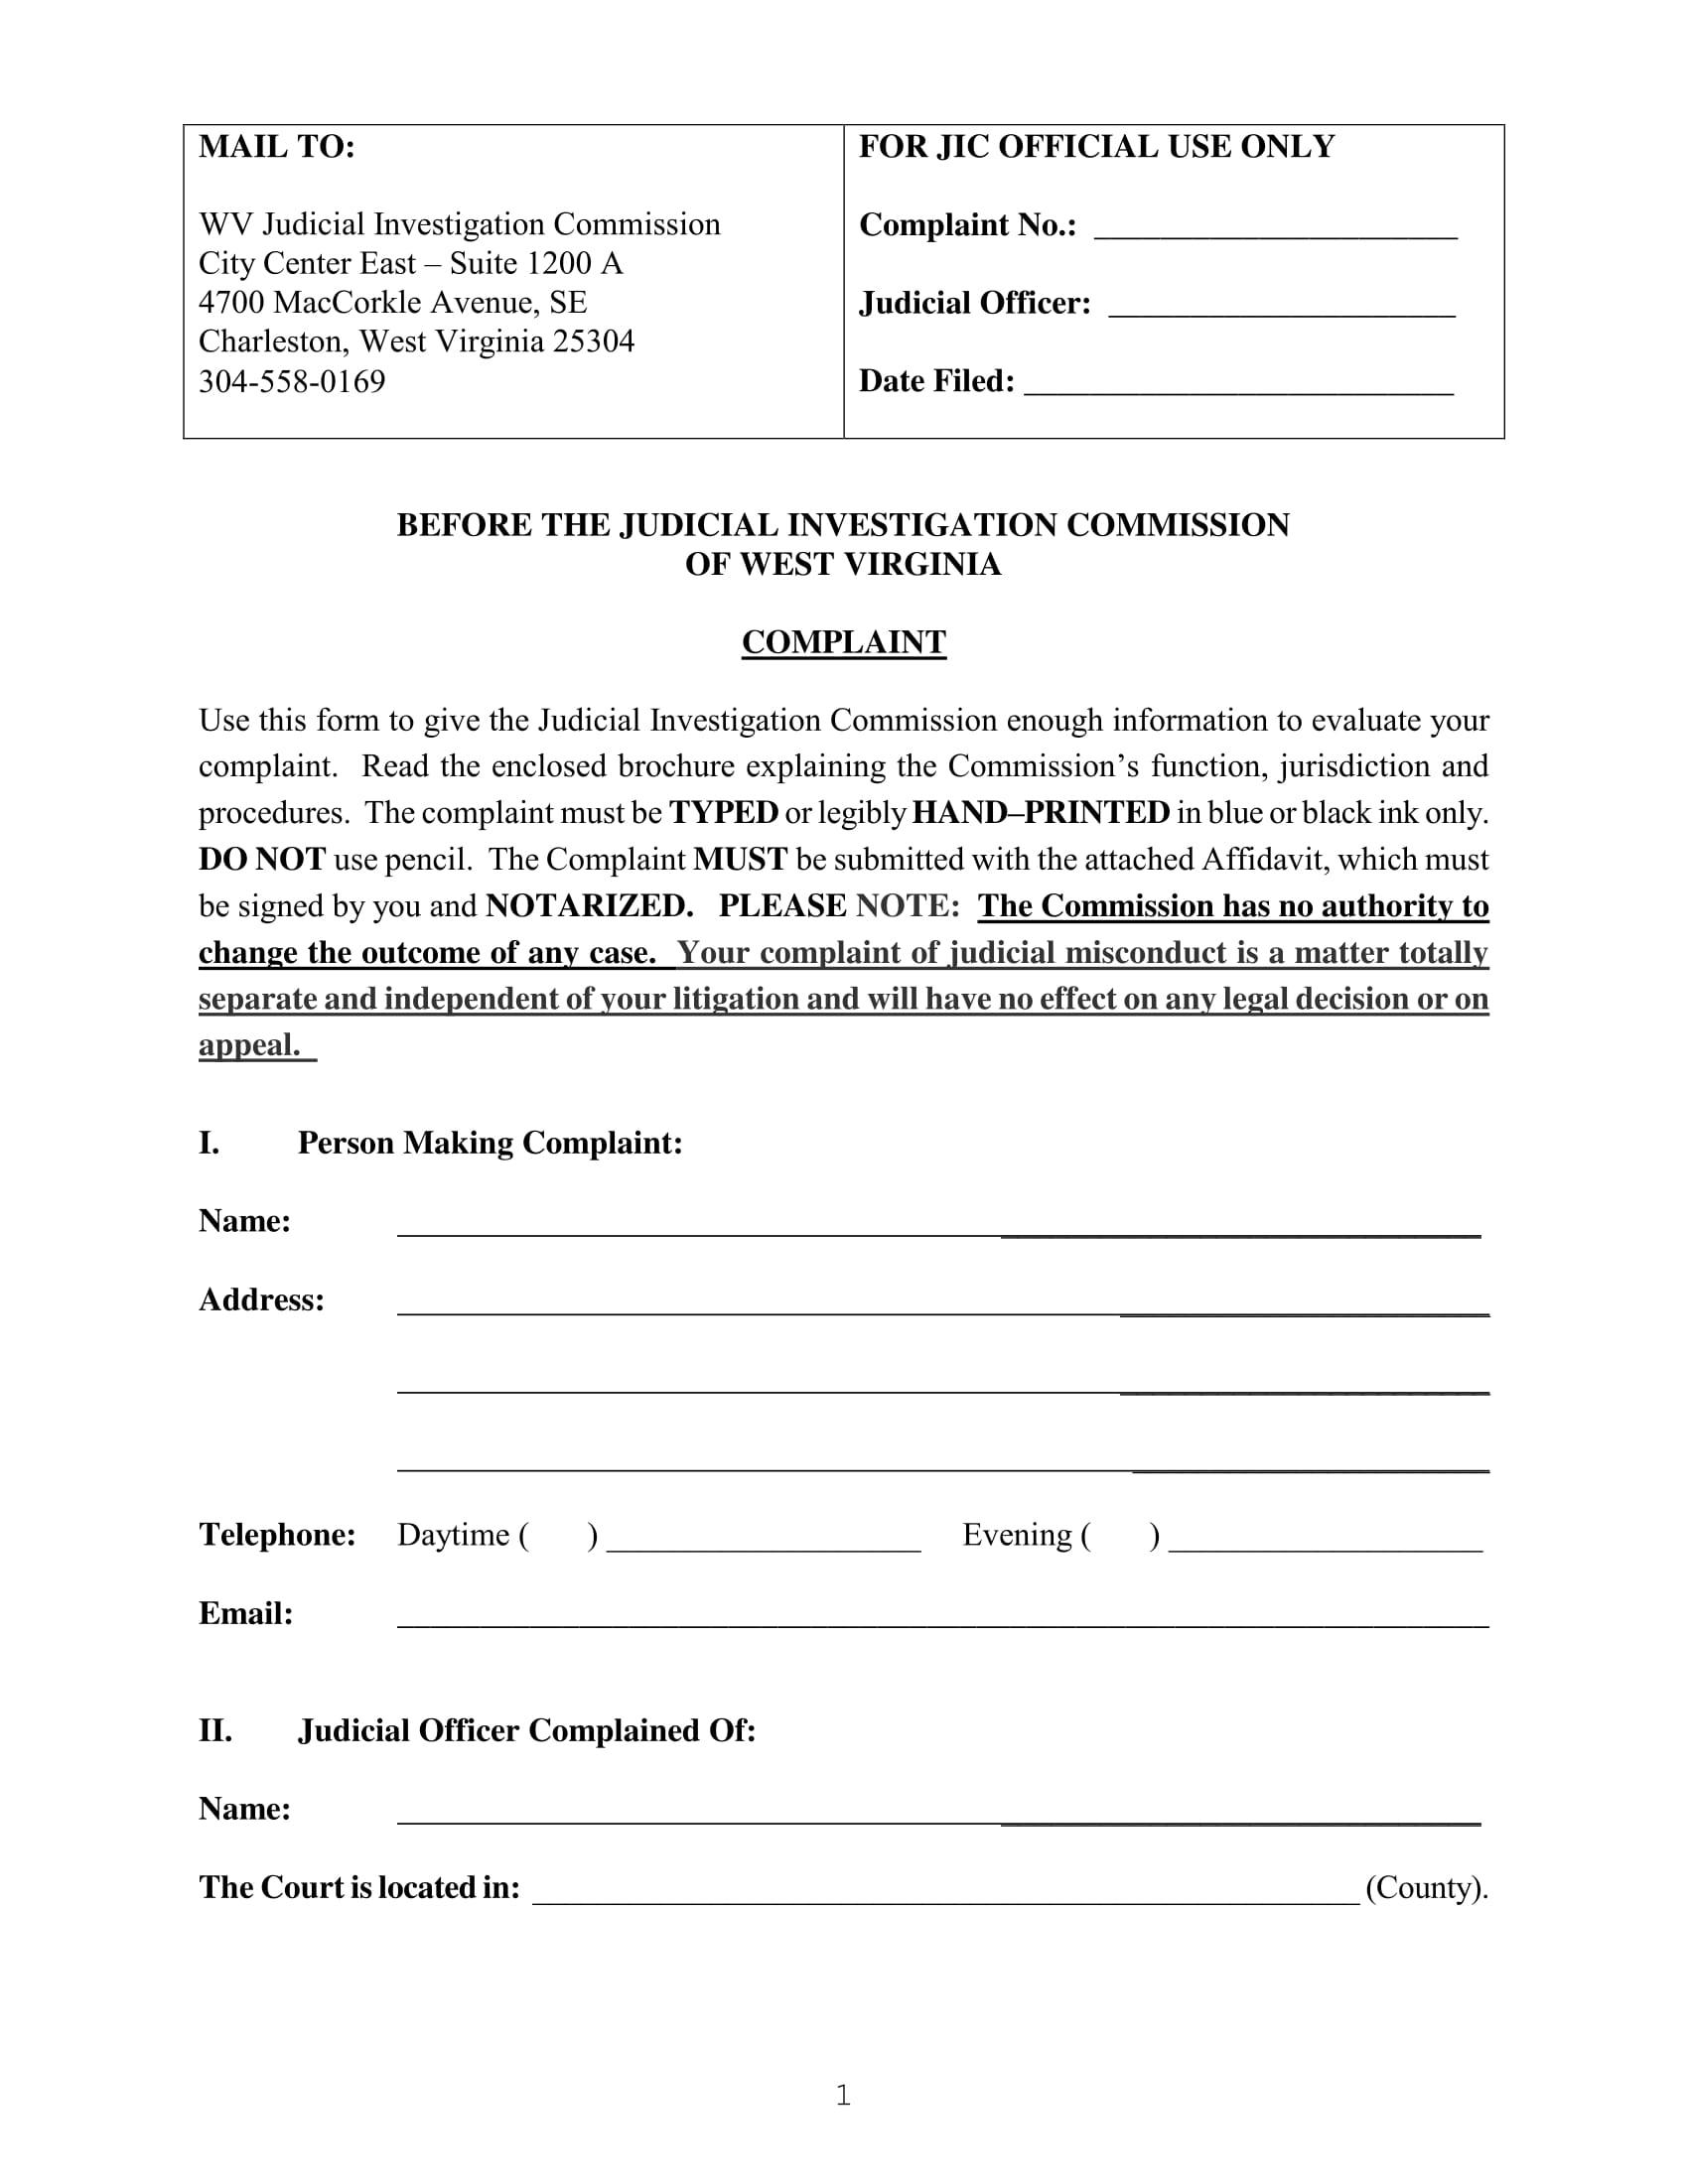 judicial investigation complaint form 1